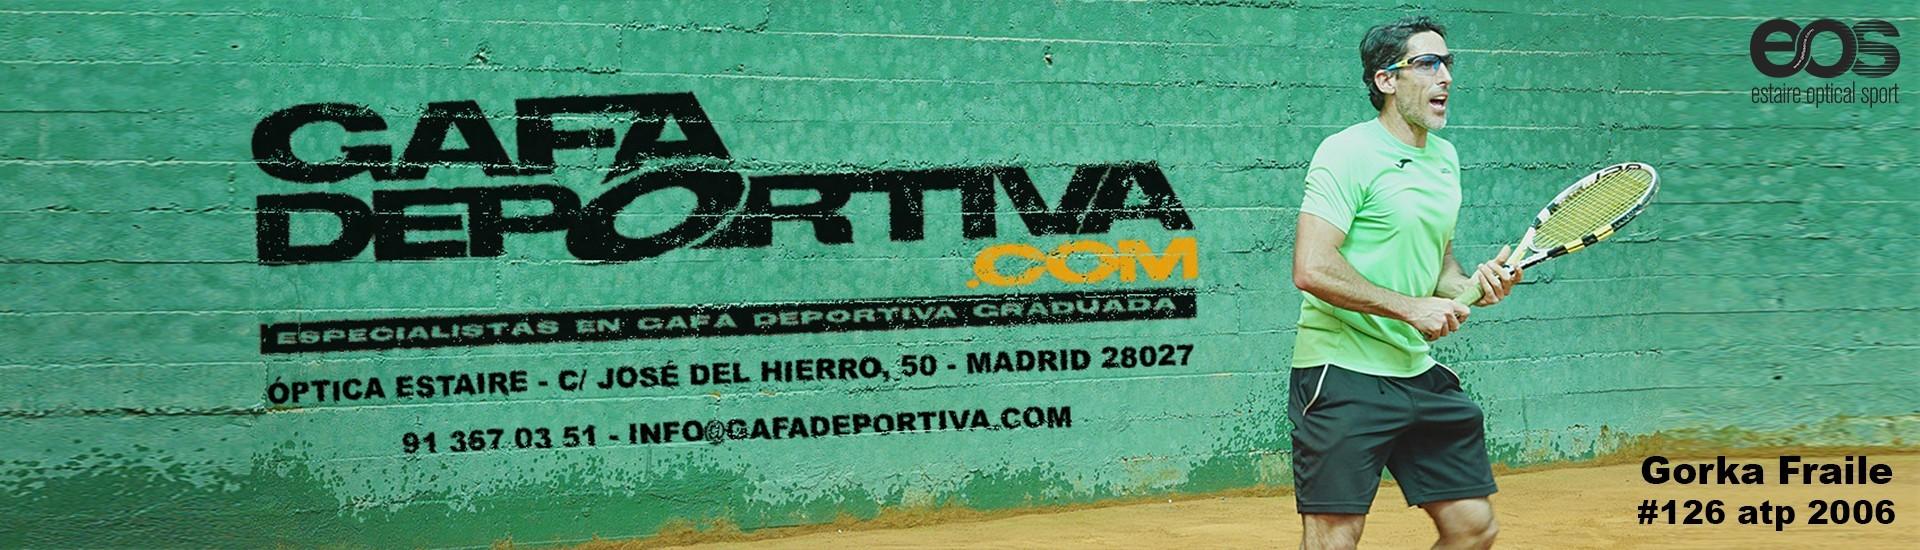 Gafadeportiva.com & EOS (Gorka Fraile)